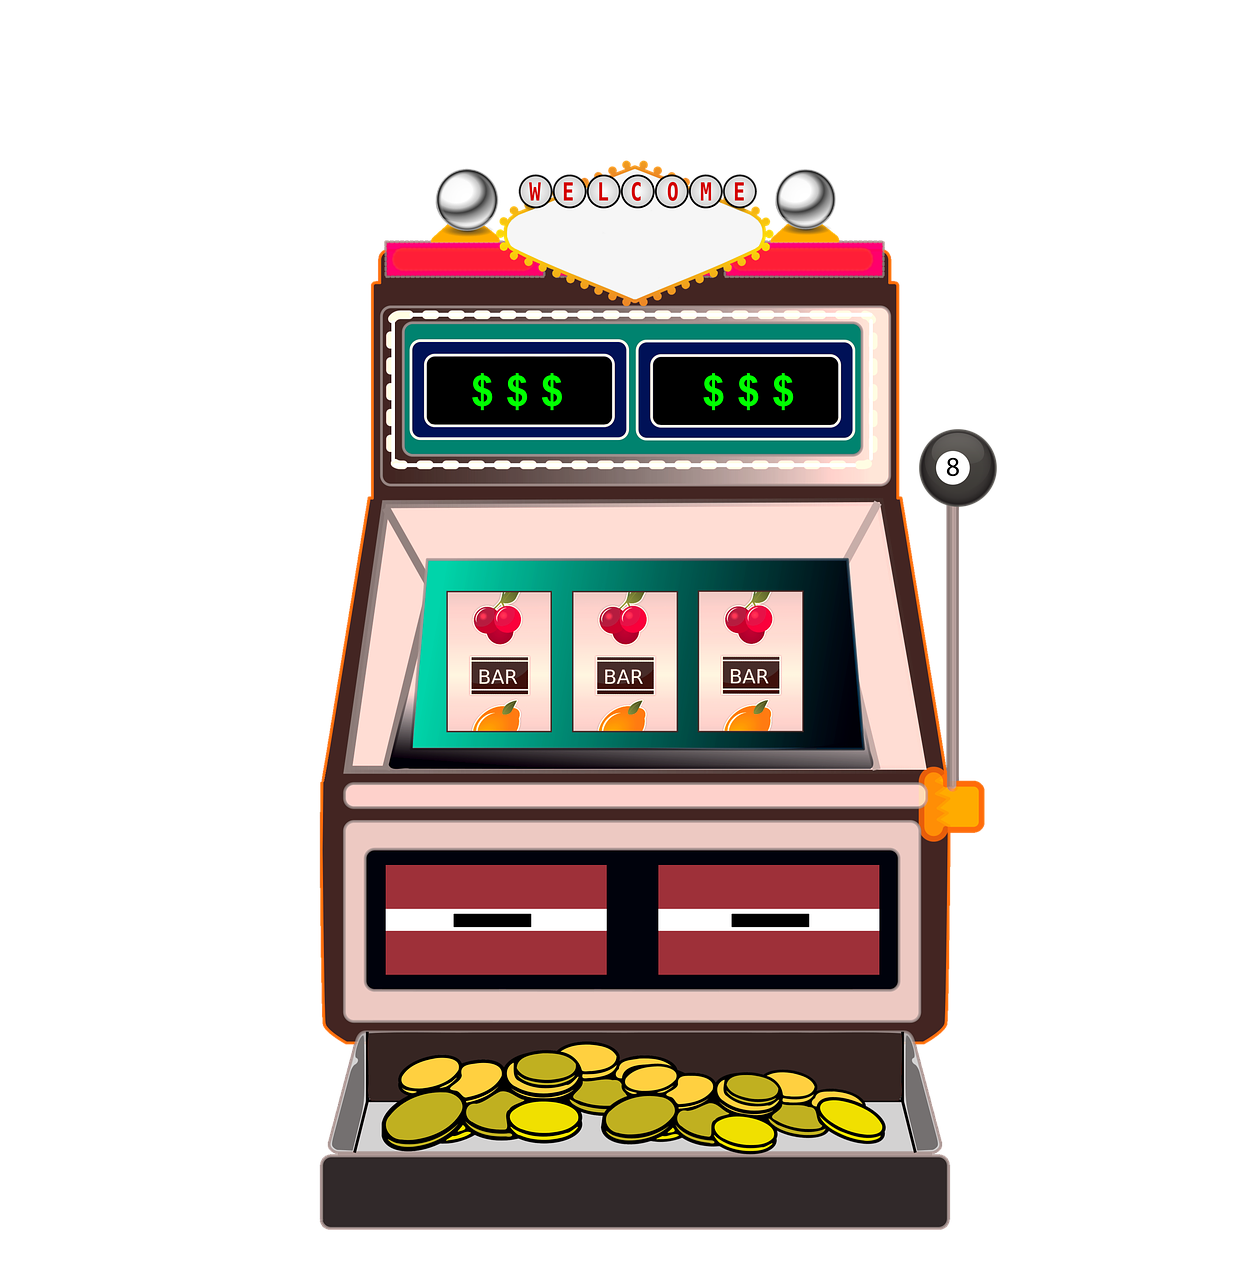 Mitä kasinobonukset ovat ja miksi niitä tarjotaan?